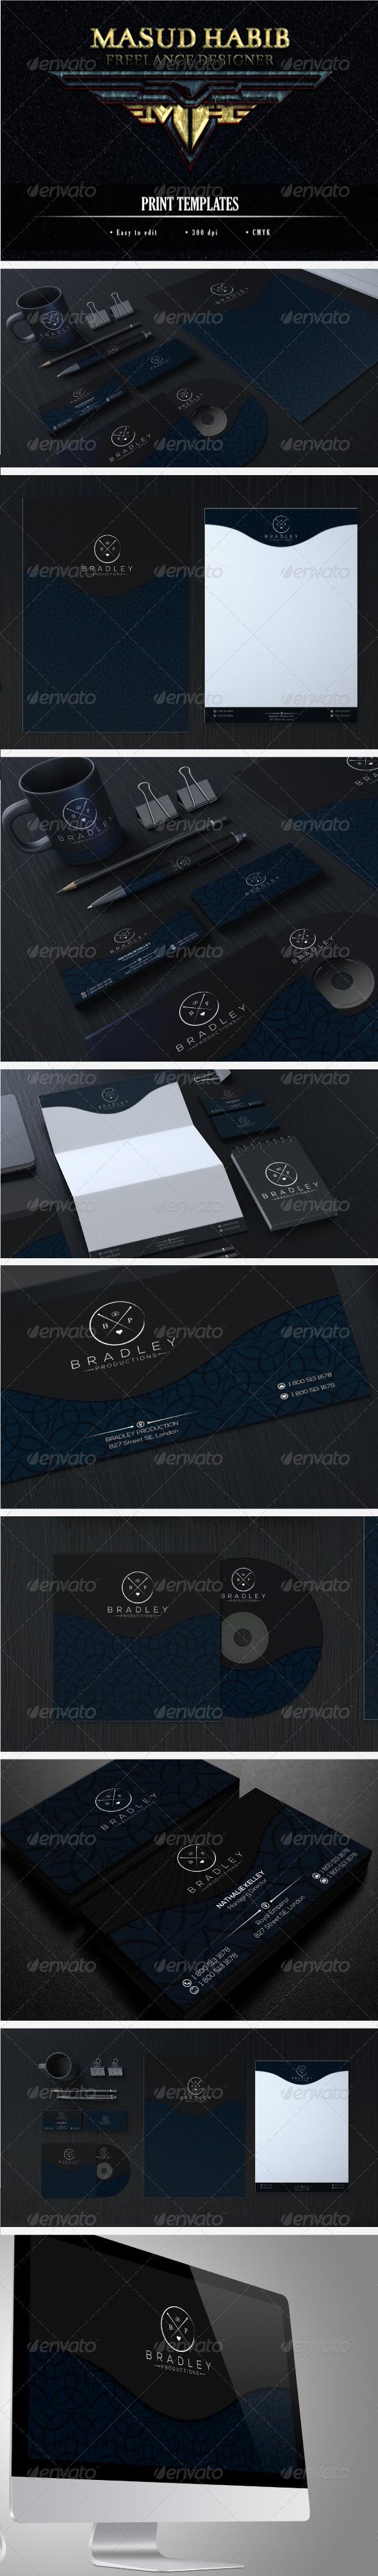 GraphicRiver Creative Corporate Identity 20 7696847